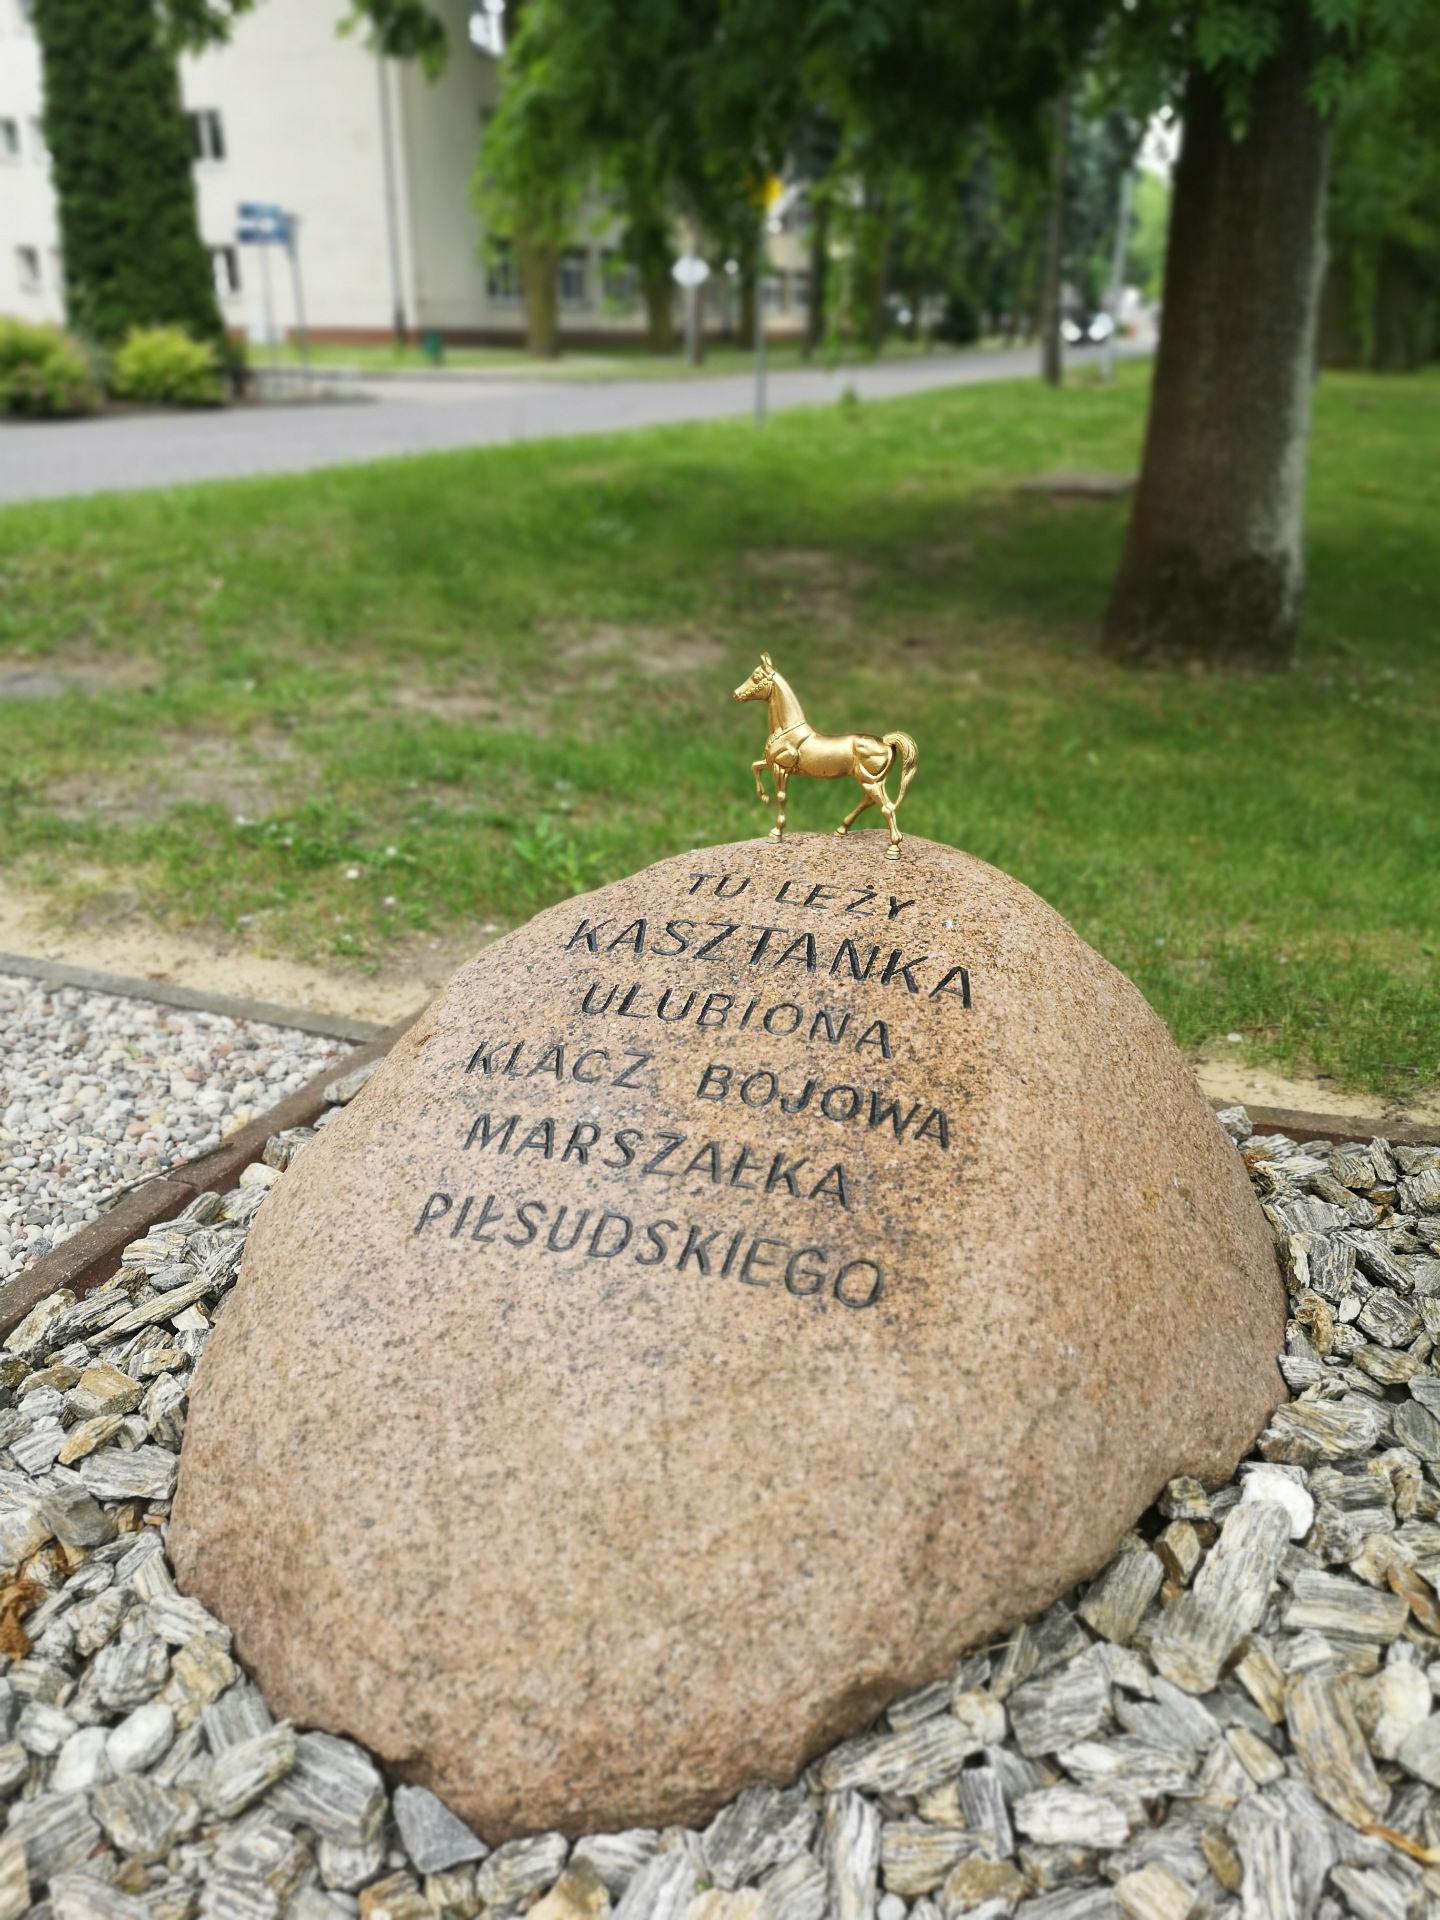 Głaz pamiątkowy z wyrytym na nim napisem ,,Tu leży Kasztanka ulubuiona klacz bojowa marszałka Piłsudskeigo. Na głazie ustawiona została mała, złota figurka przedstawiająca konia.